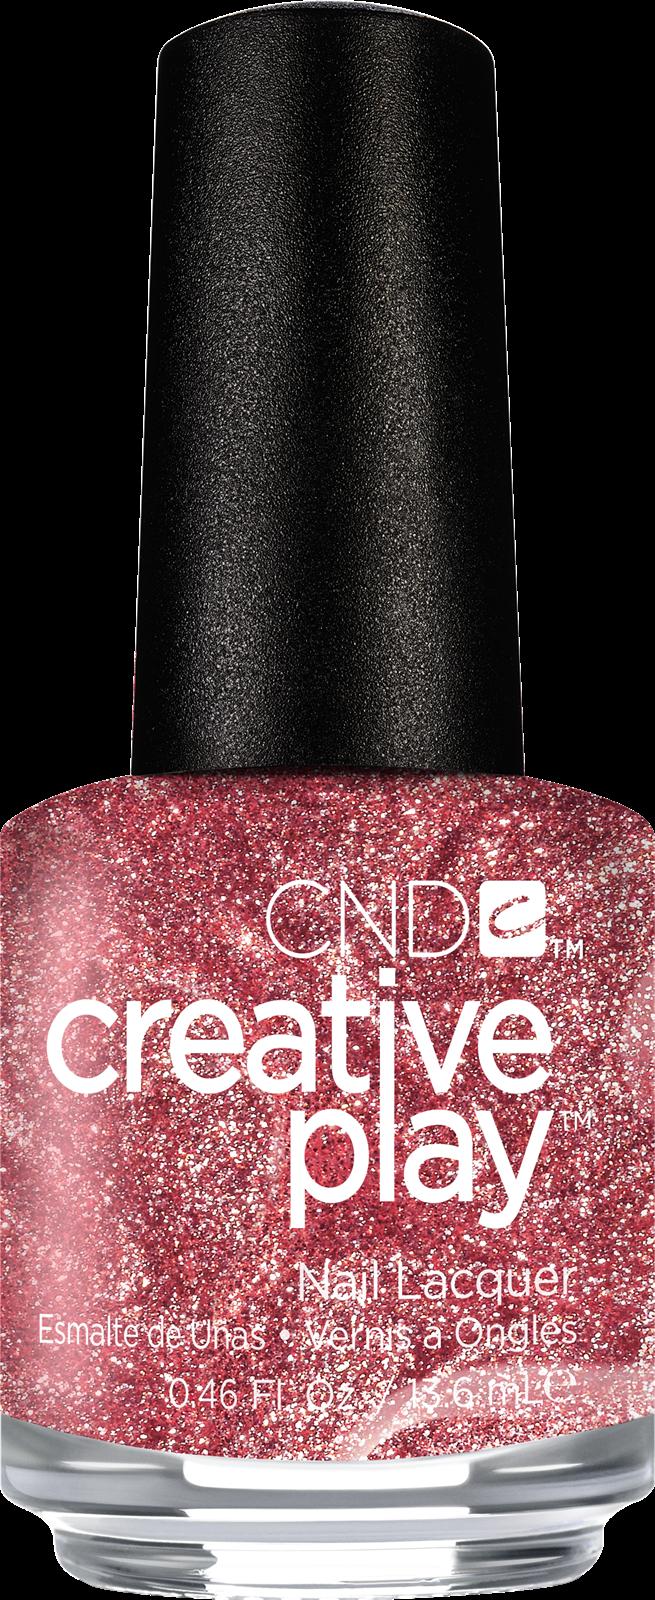 Afbeelding van CND ™ Creative Play Bronzestellation